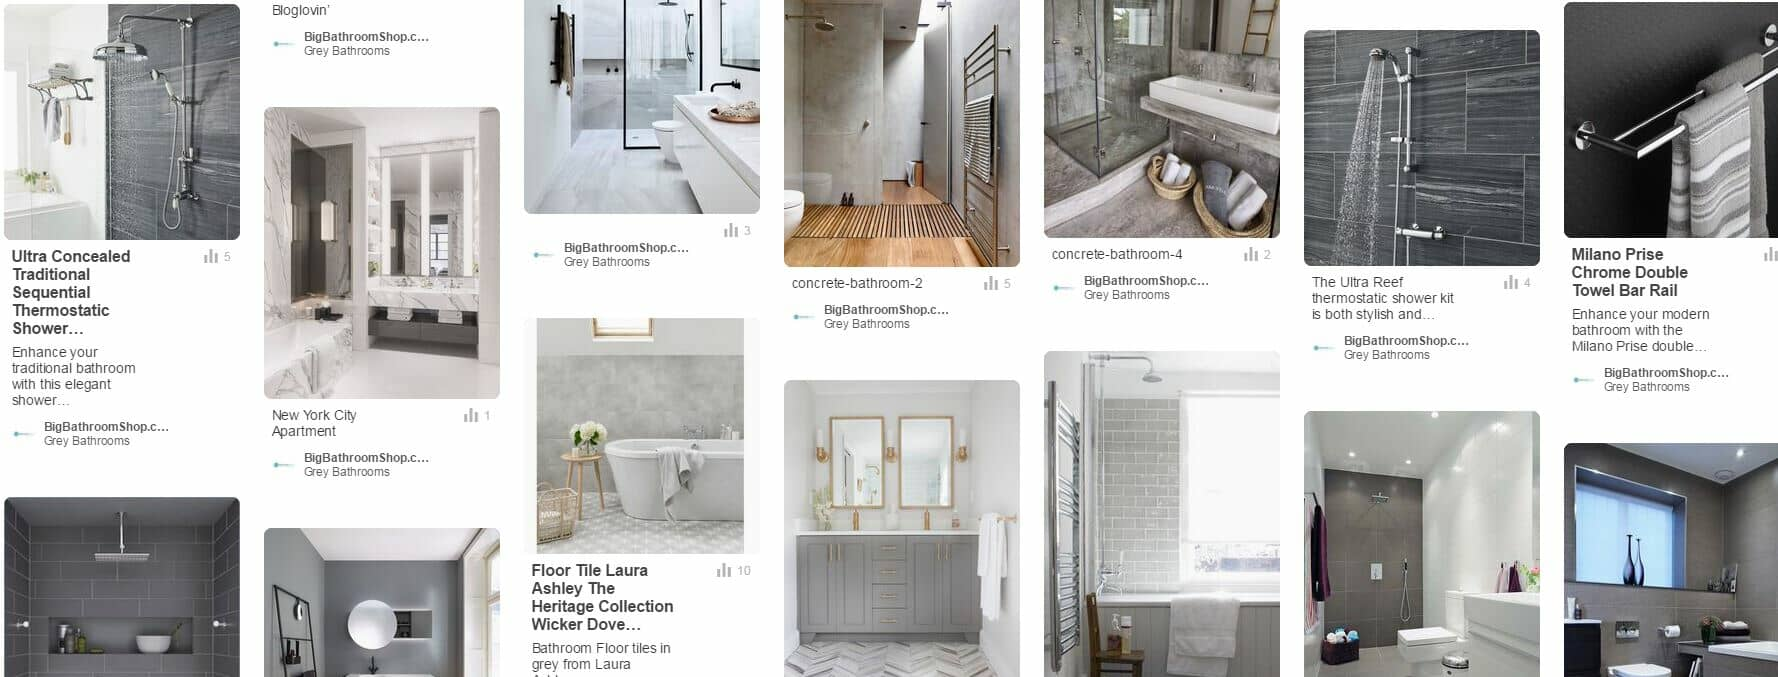 grey bathroom ideas Pinterest board